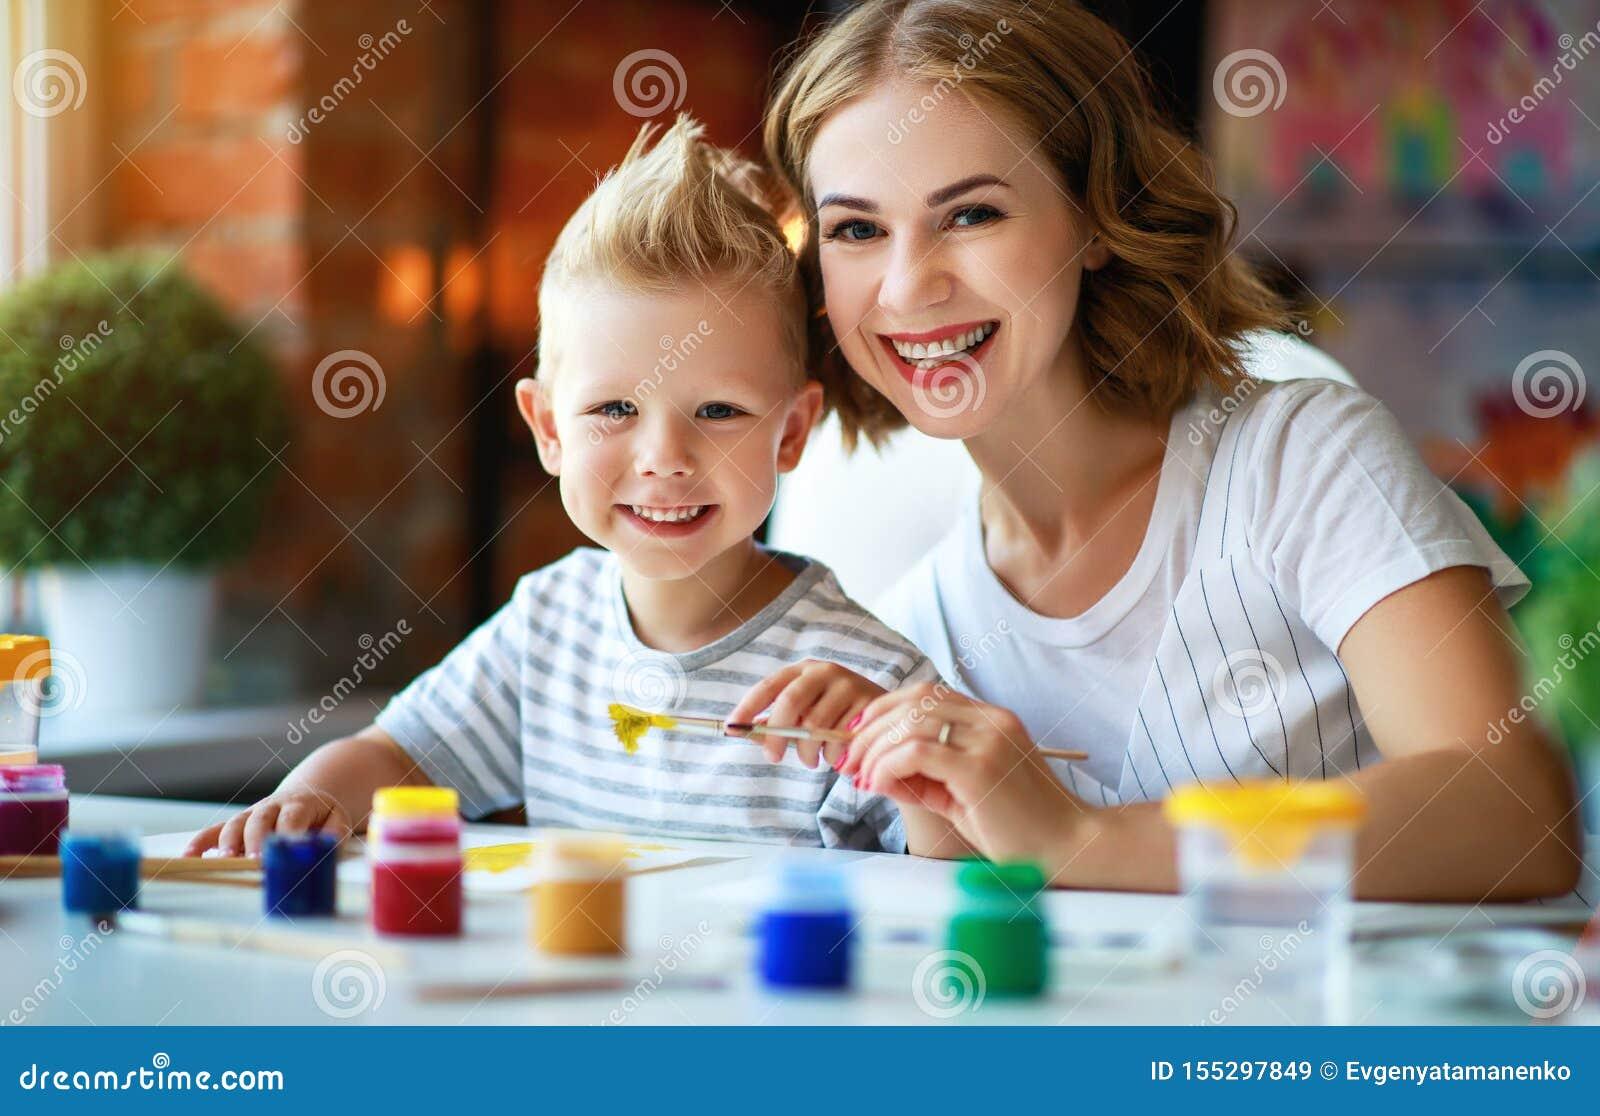 母亲和儿童儿子绘画在创造性画在幼儿园 母亲和儿童儿子绘画画参与创造性